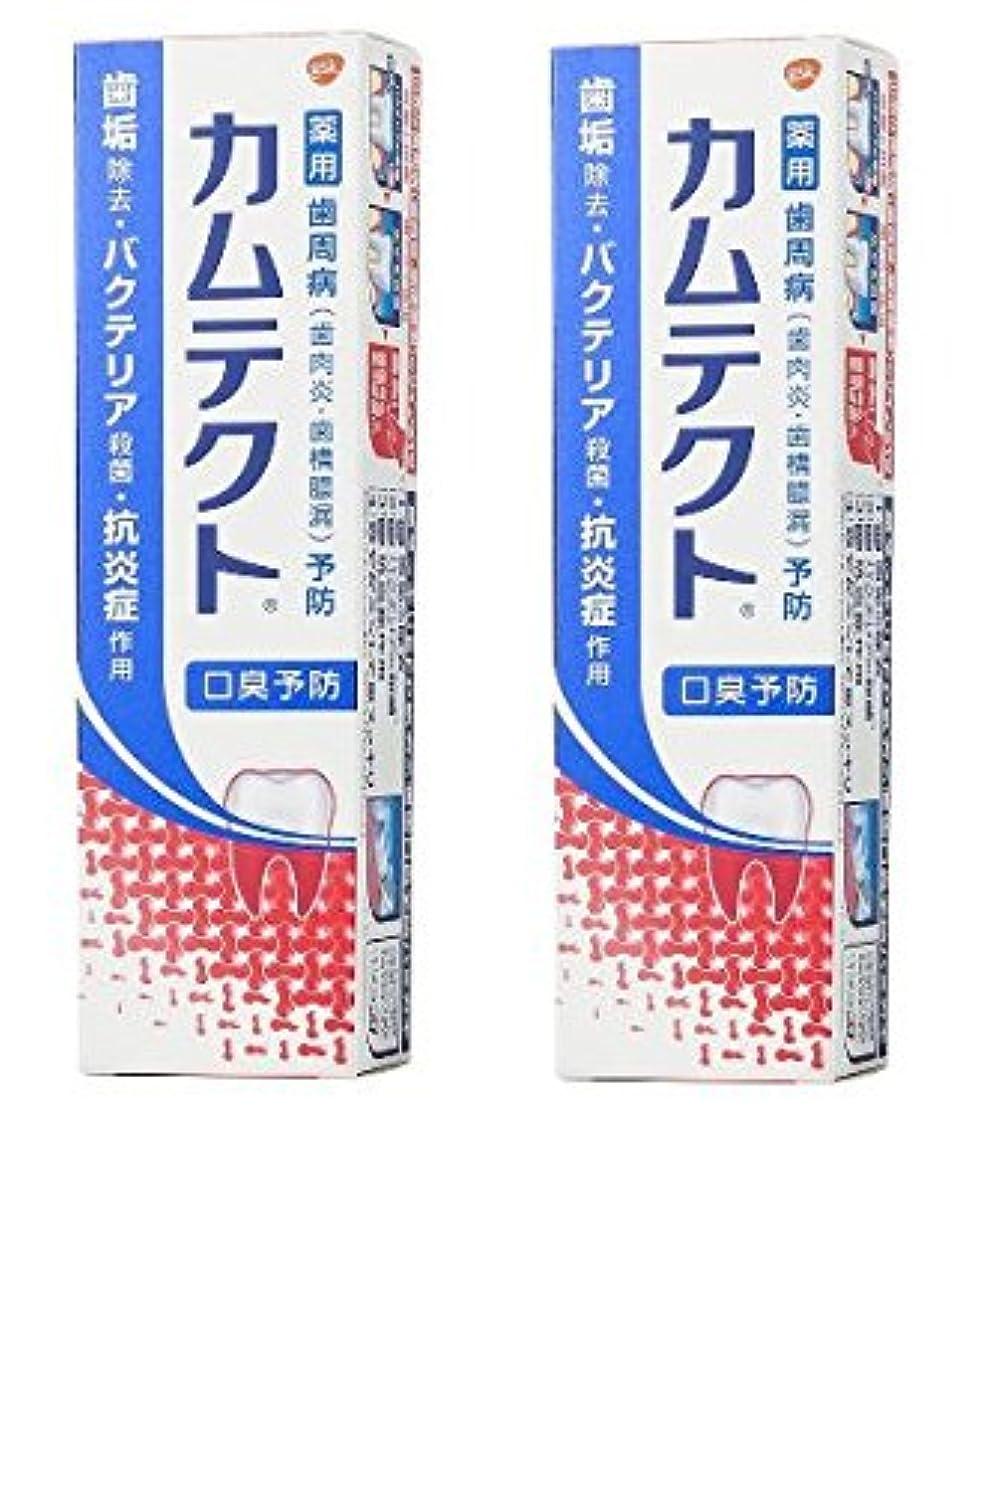 パトロール敬礼結果【まとめ買い】カムテクト 口臭予防 歯周病(歯肉炎?歯槽膿漏) 予防 歯みがき粉 105g × 2個